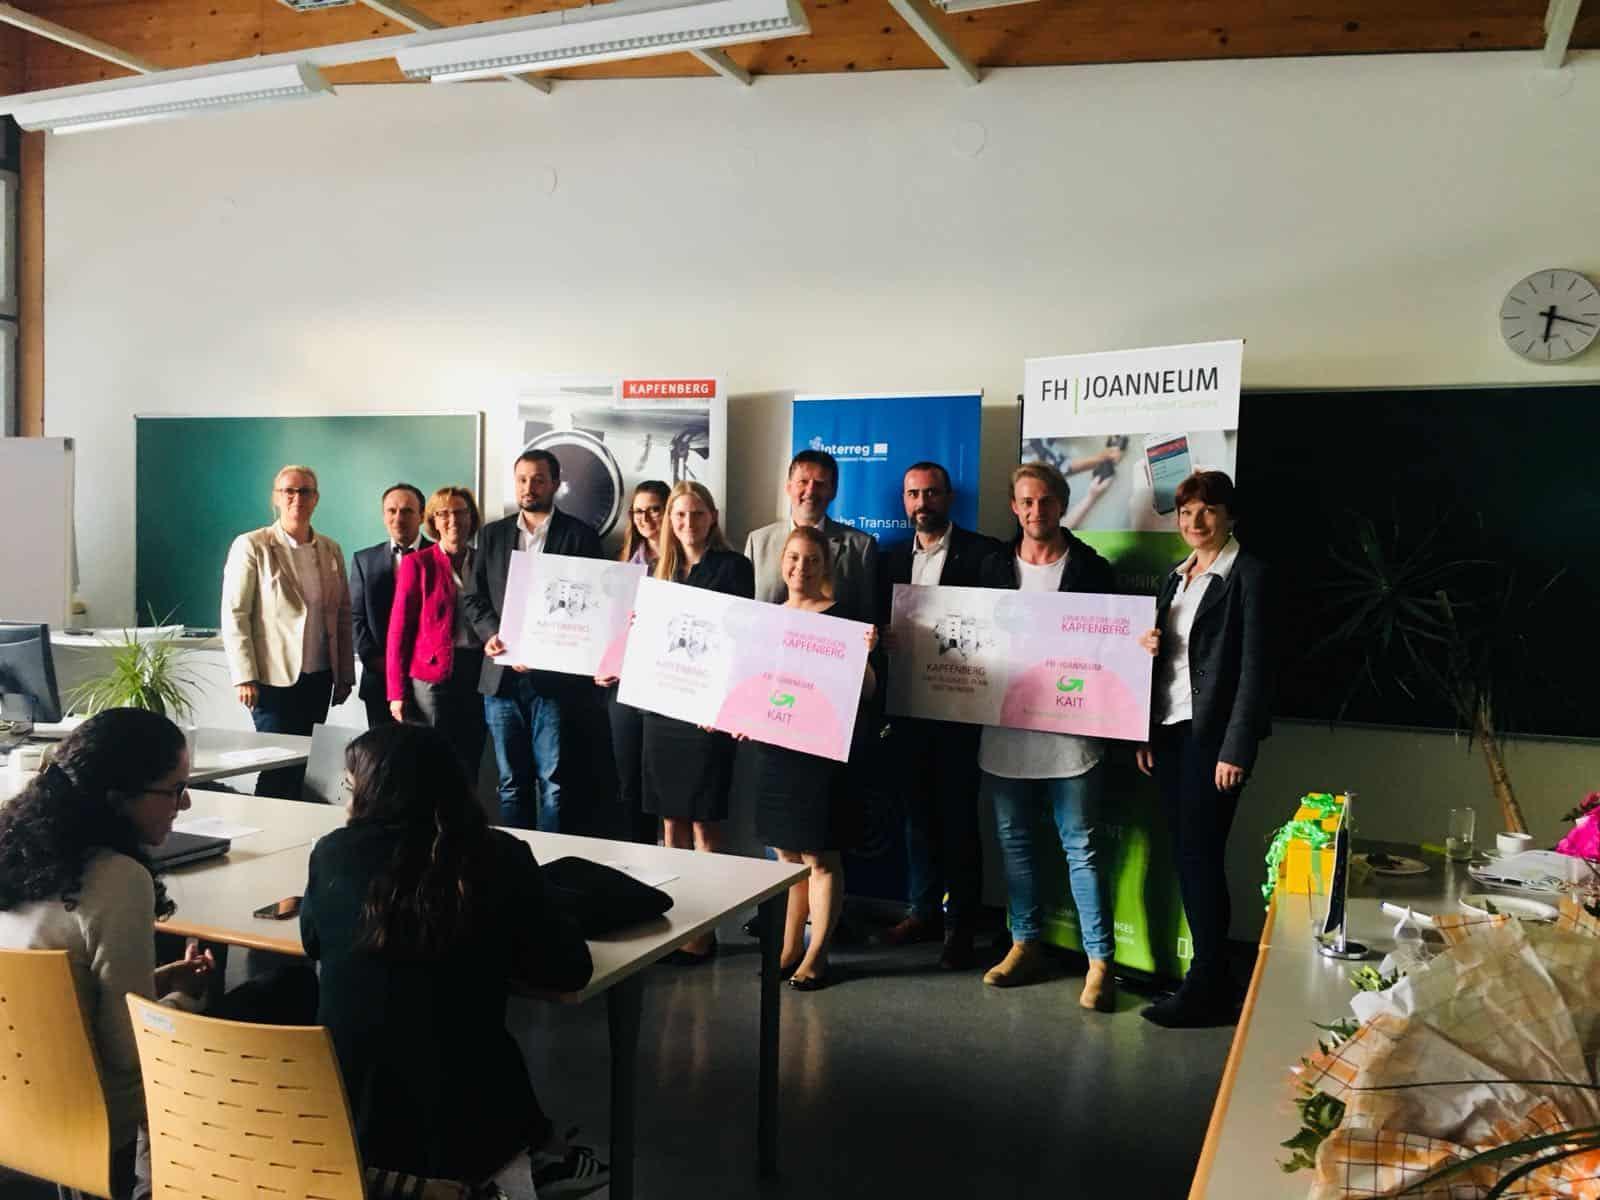 Gruppenfoto des Businessplanwettbewerbs